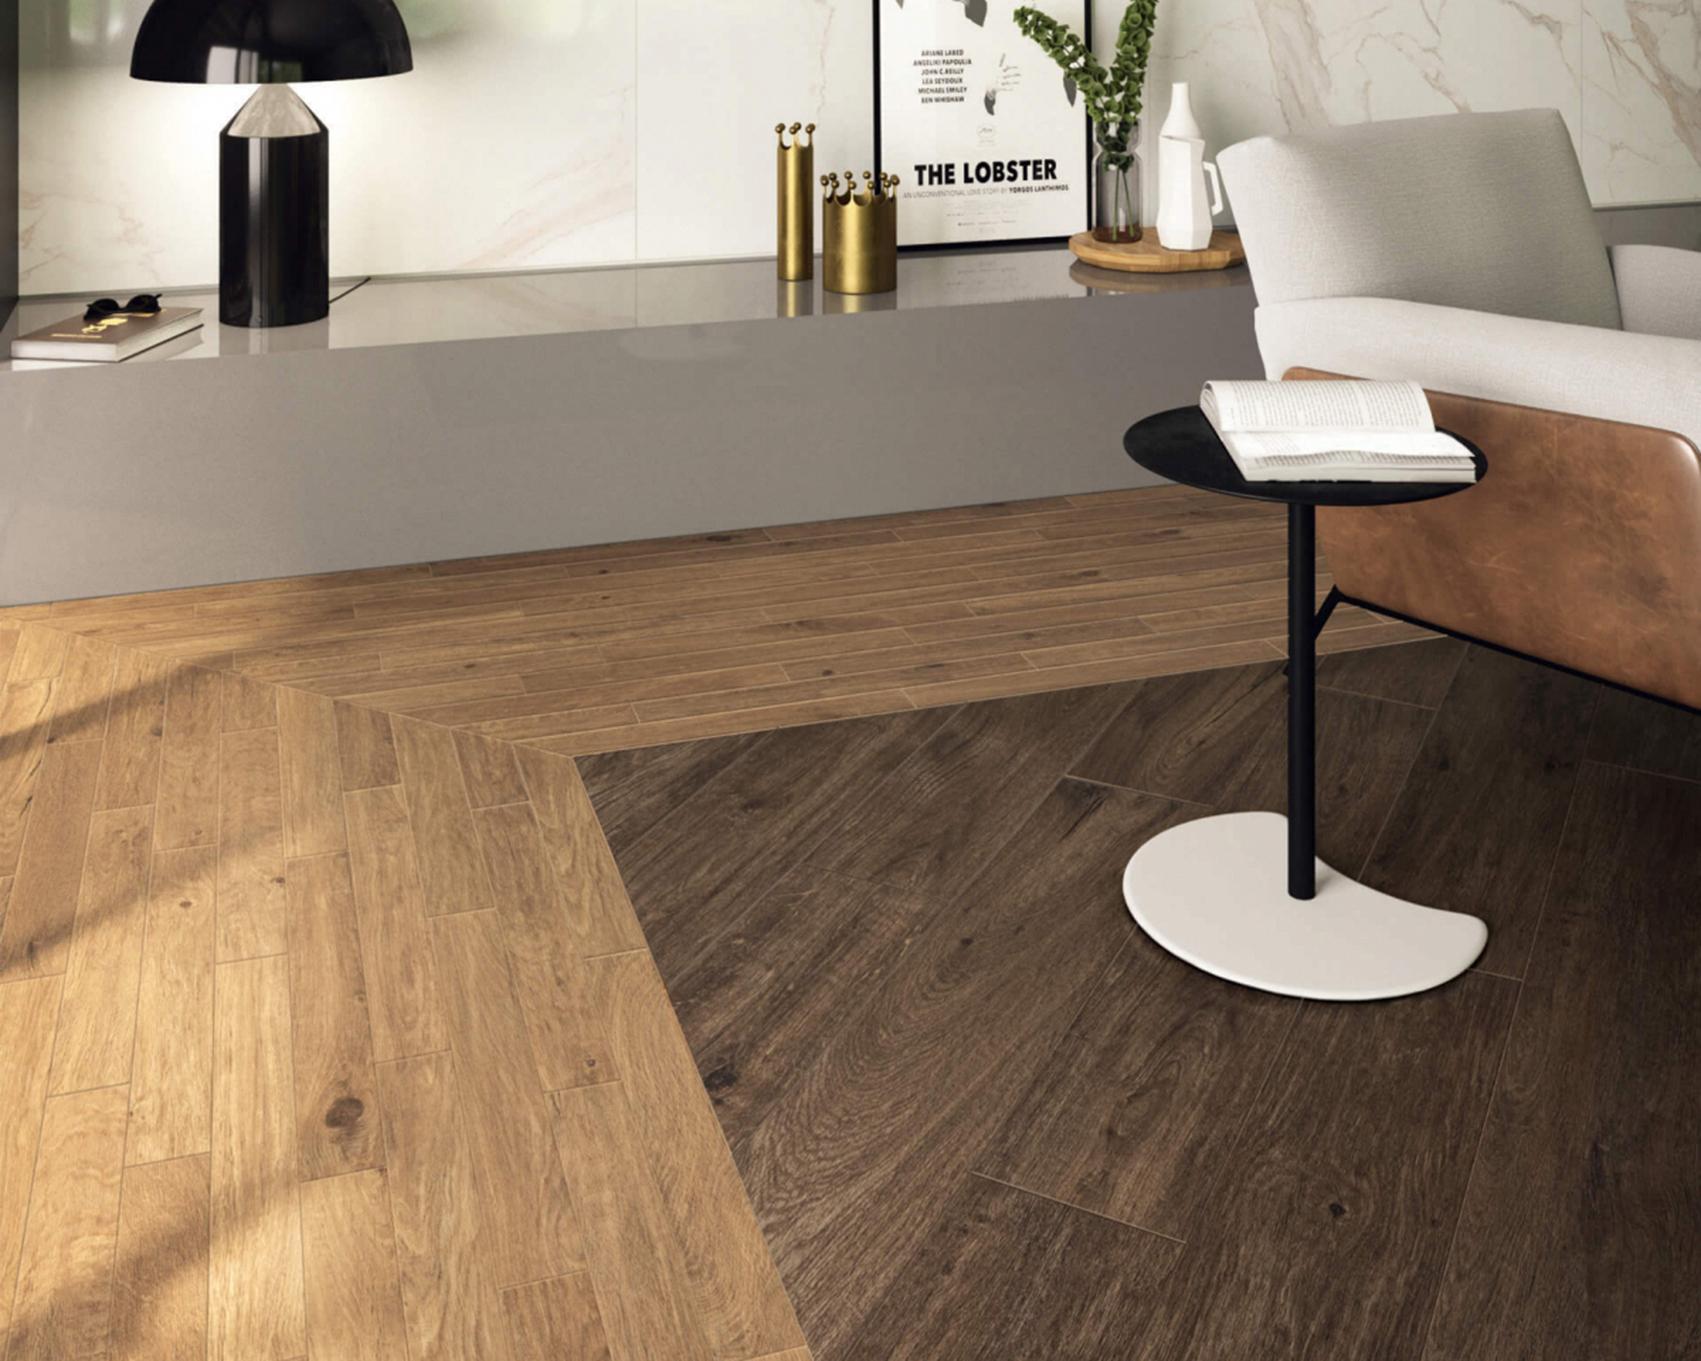 Vendita pavimenti gres porcellanato effetto legno a Brescia